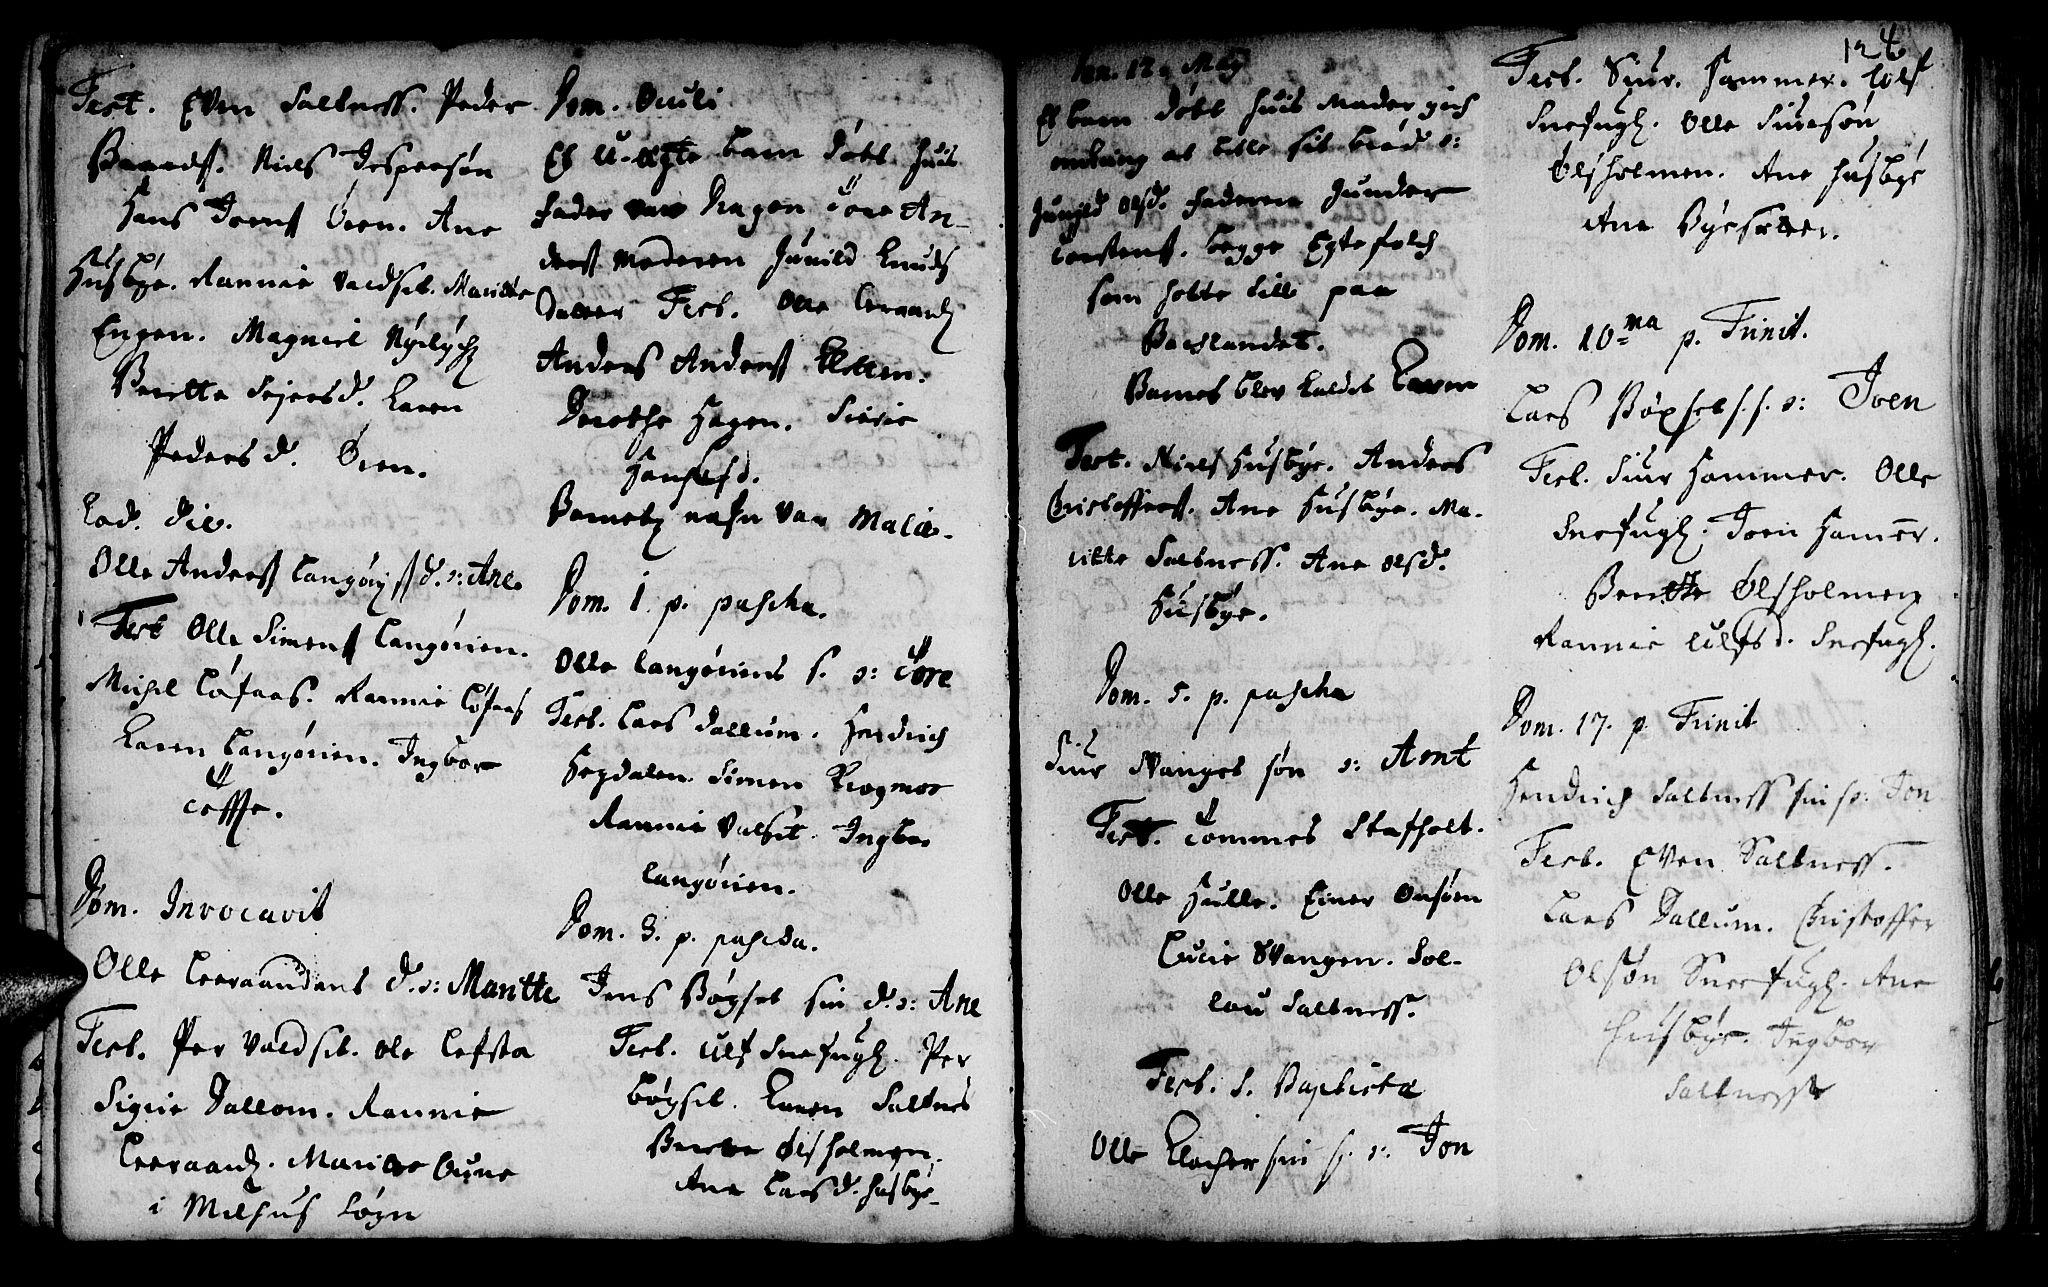 SAT, Ministerialprotokoller, klokkerbøker og fødselsregistre - Sør-Trøndelag, 666/L0783: Ministerialbok nr. 666A01, 1702-1753, s. 124